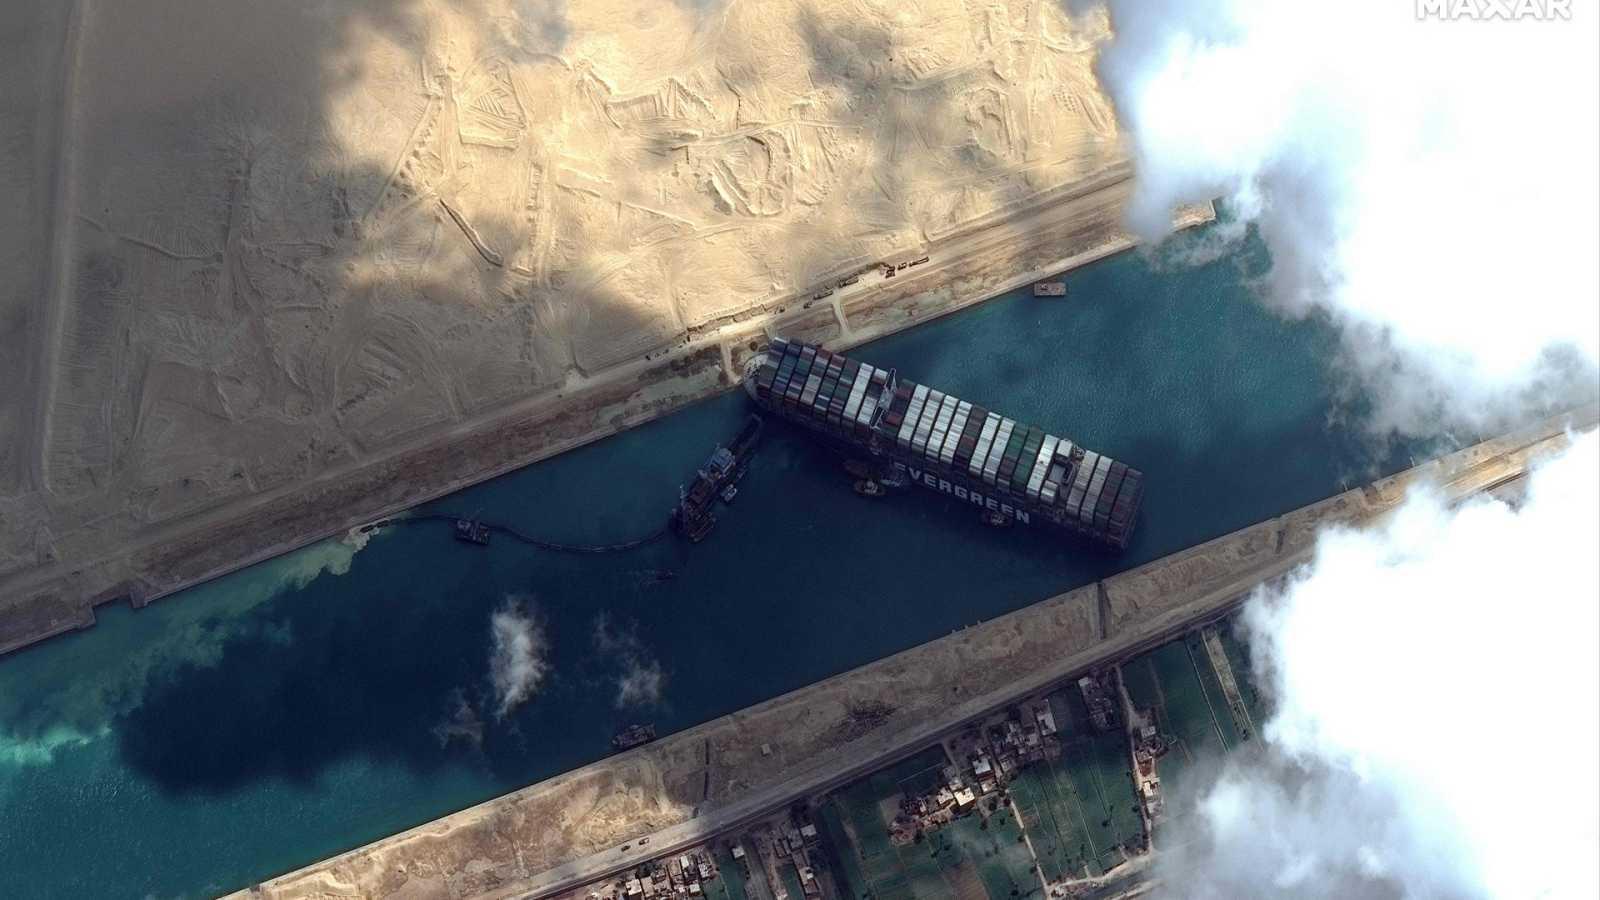 ¿Qué sucedió para que el Ever Given encallara en el Canal de Suez?